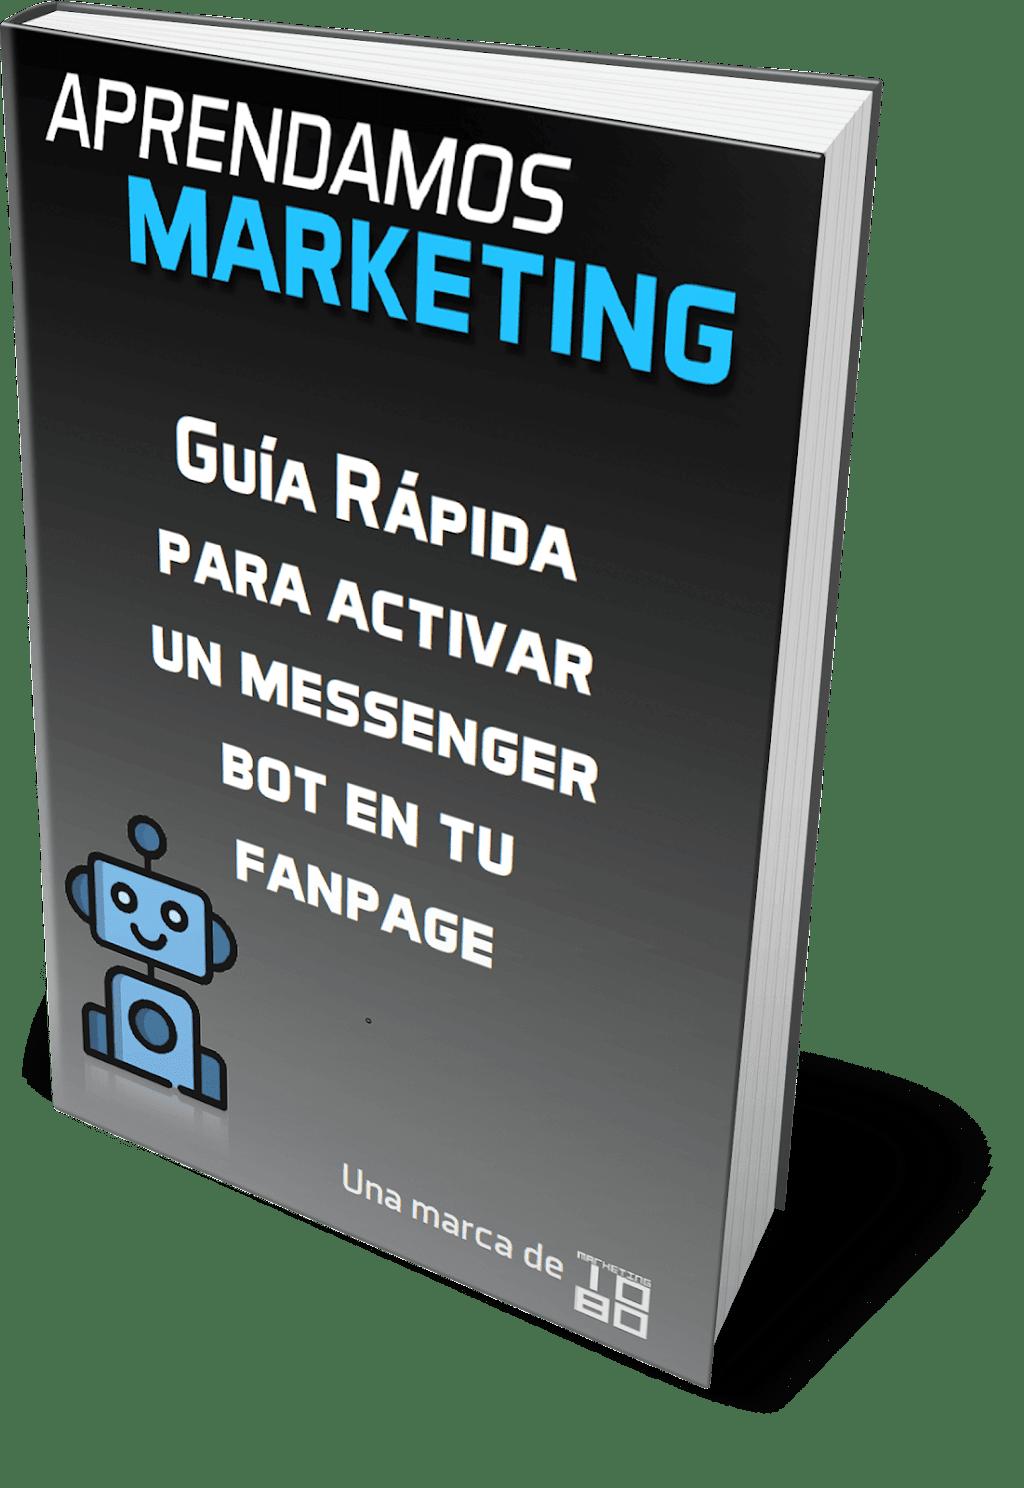 Guía rápida para activar un messenger bot